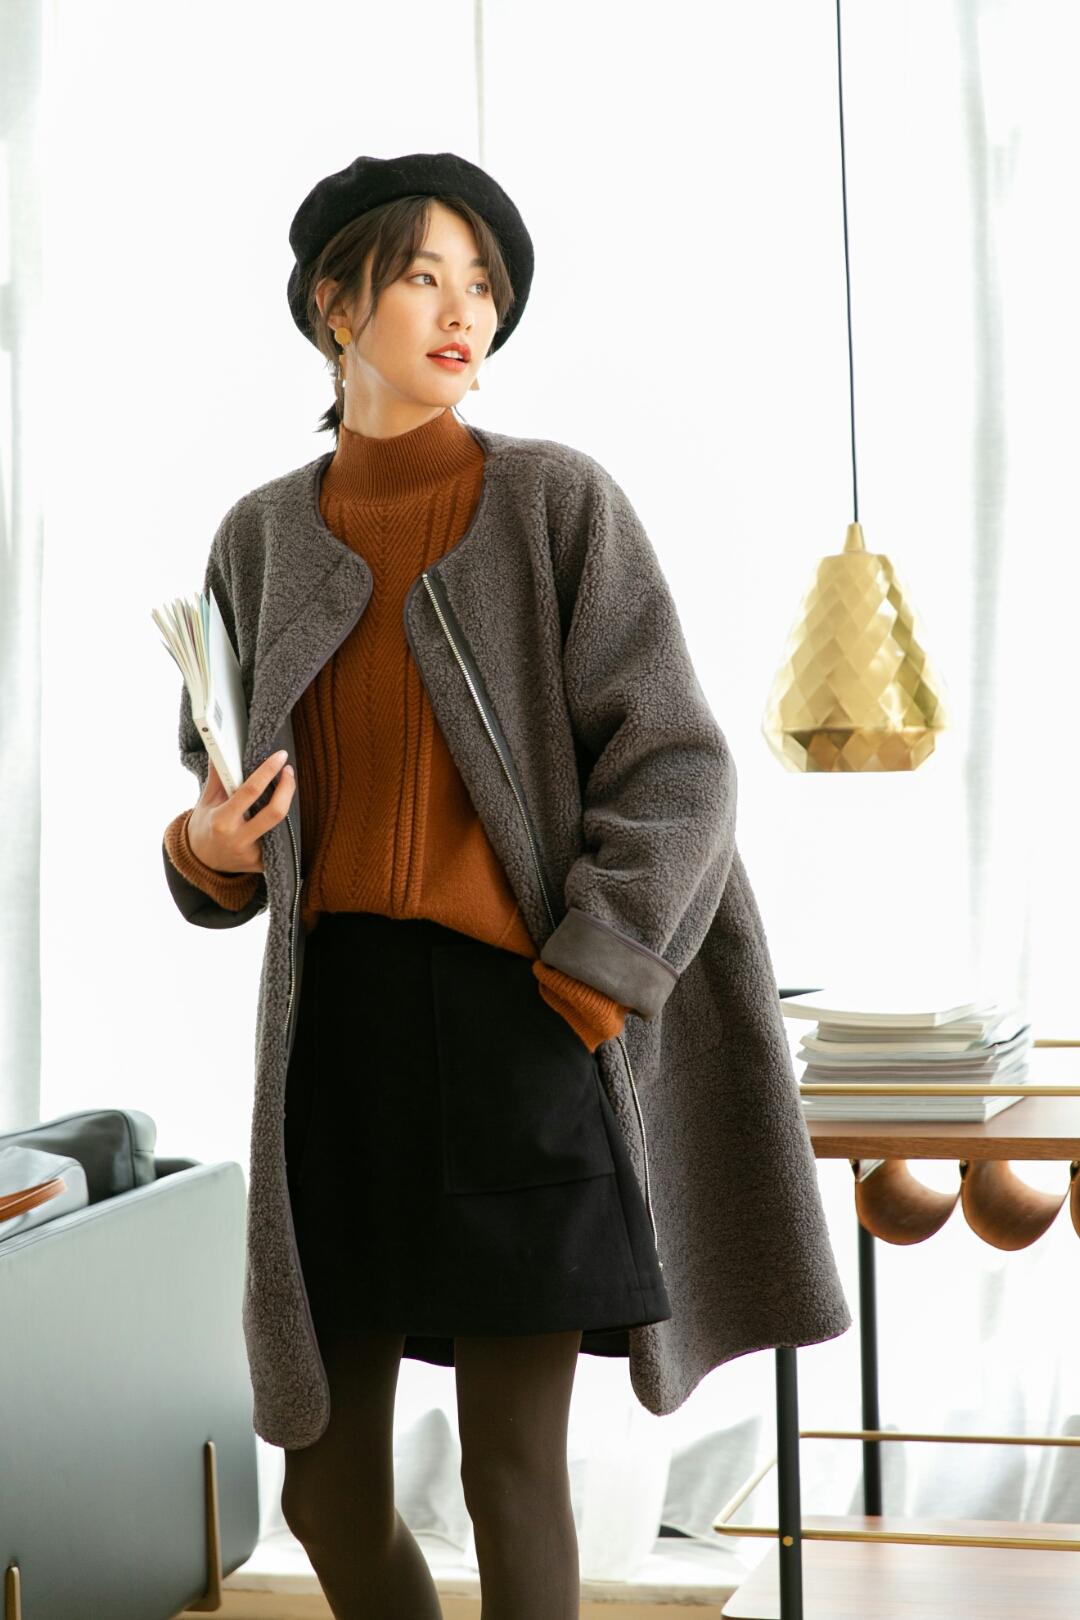 百搭保暖的小黑裙,在秋冬都是好搭的单品, 利落的裁剪打造出流畅的线条感, 展现优雅的女神气质, 两侧的大大口袋,也让你变得与众不同, 而且它是真心很好搭,搭什么都让你美美哒~~~#冬季韩系ins穿搭示范给你看#